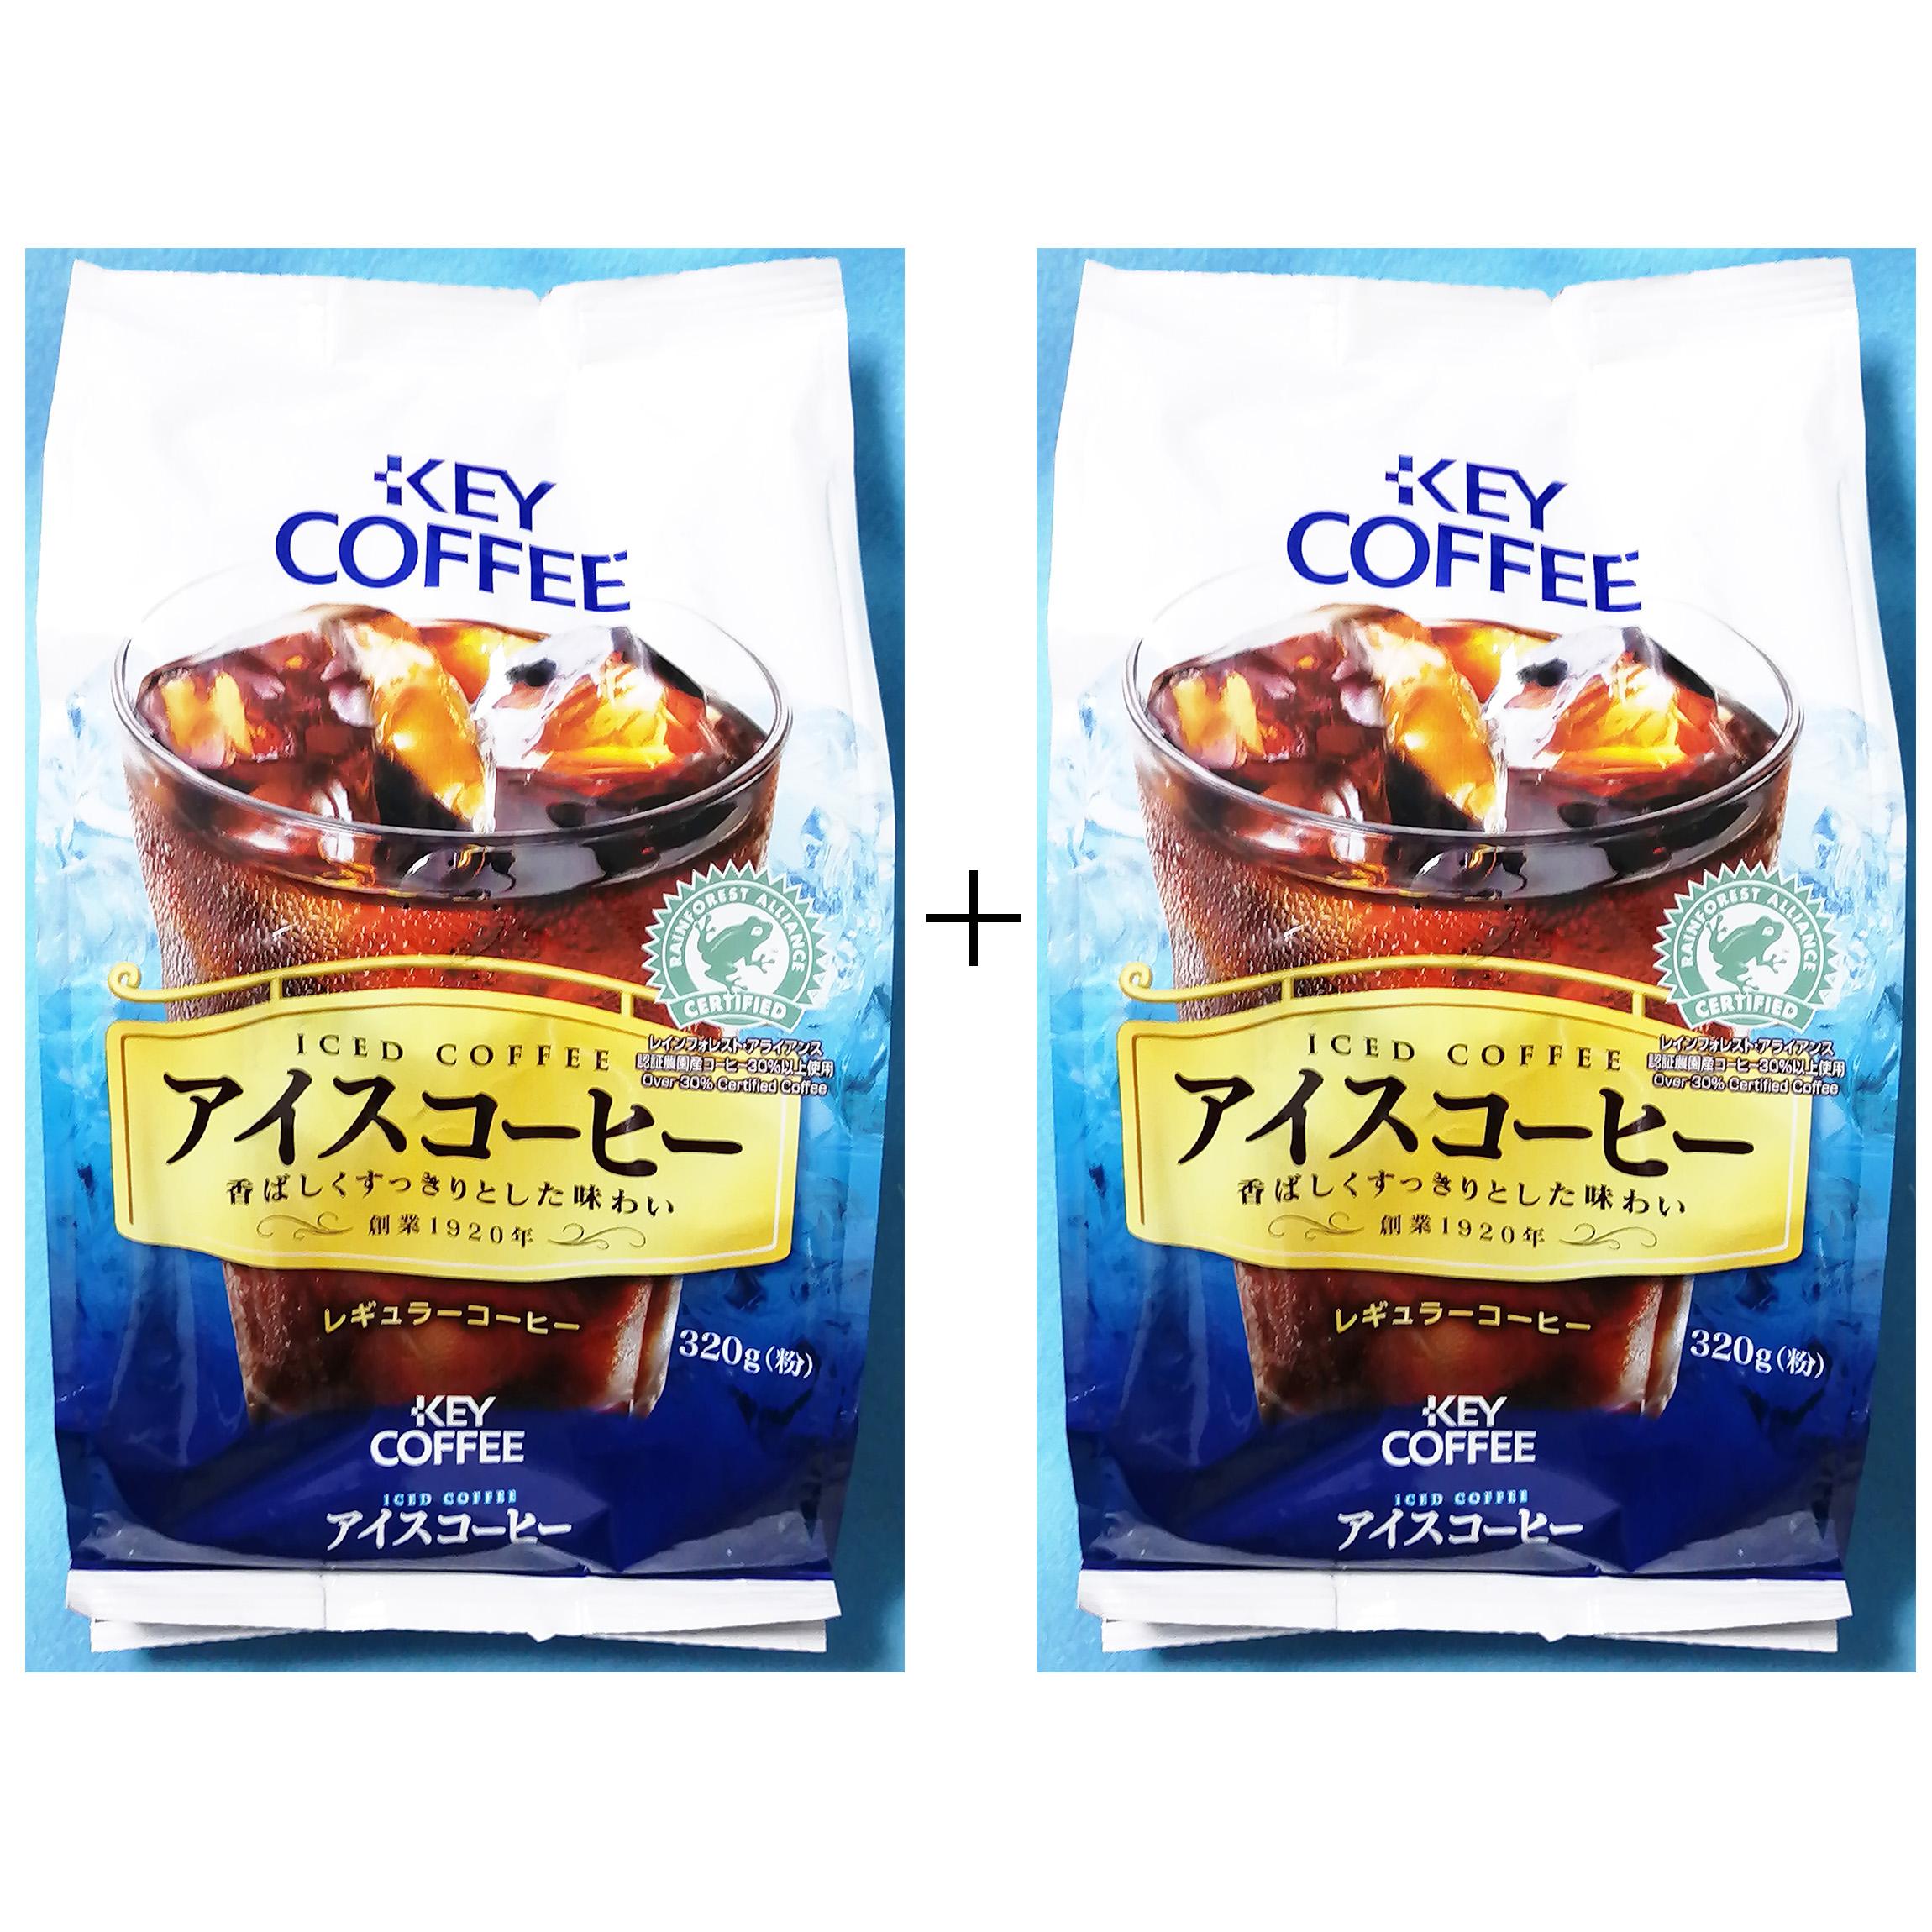 キャンセル不可 返品不可 KEY COFFEE 創業1920年 320gx2袋 強深煎り 新作入荷 キーコーヒー香ばしくすっきりとした味わいアイスコーヒー用レギュラーコーヒー 中挽き粉 新商品